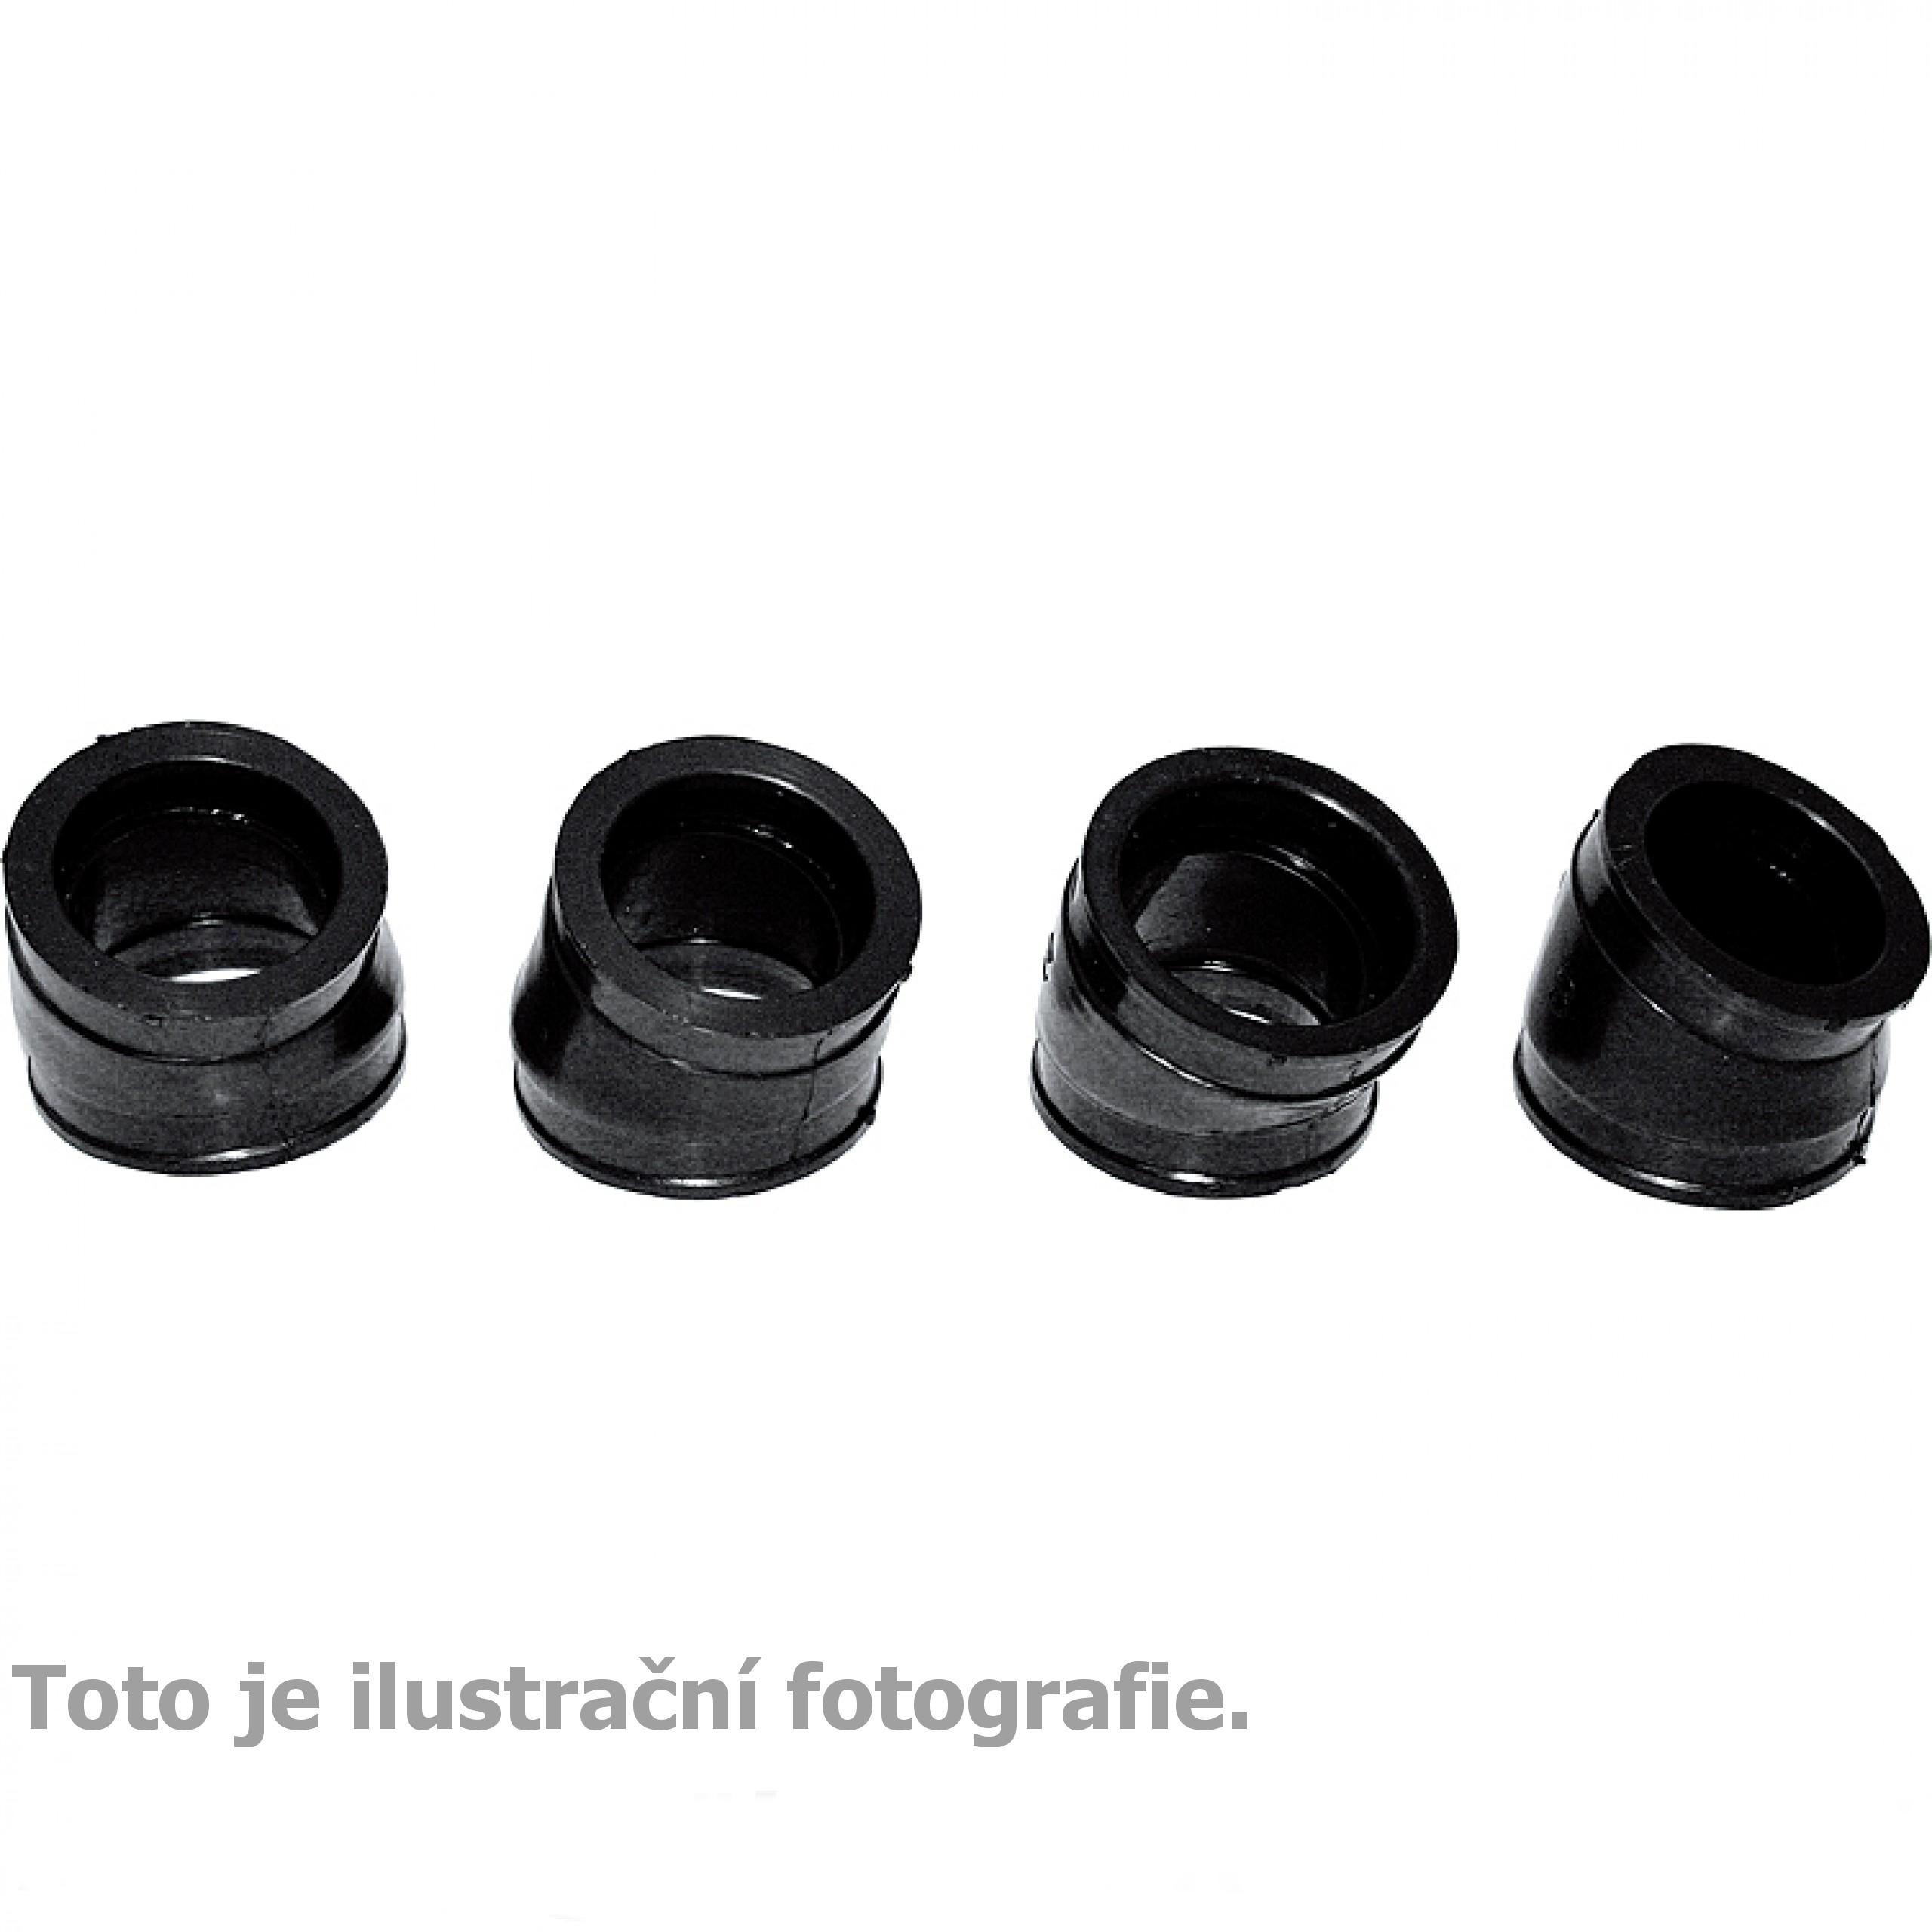 Příruba sání karburátoru CHY 68, FZS 1000 Fazer, 01-05